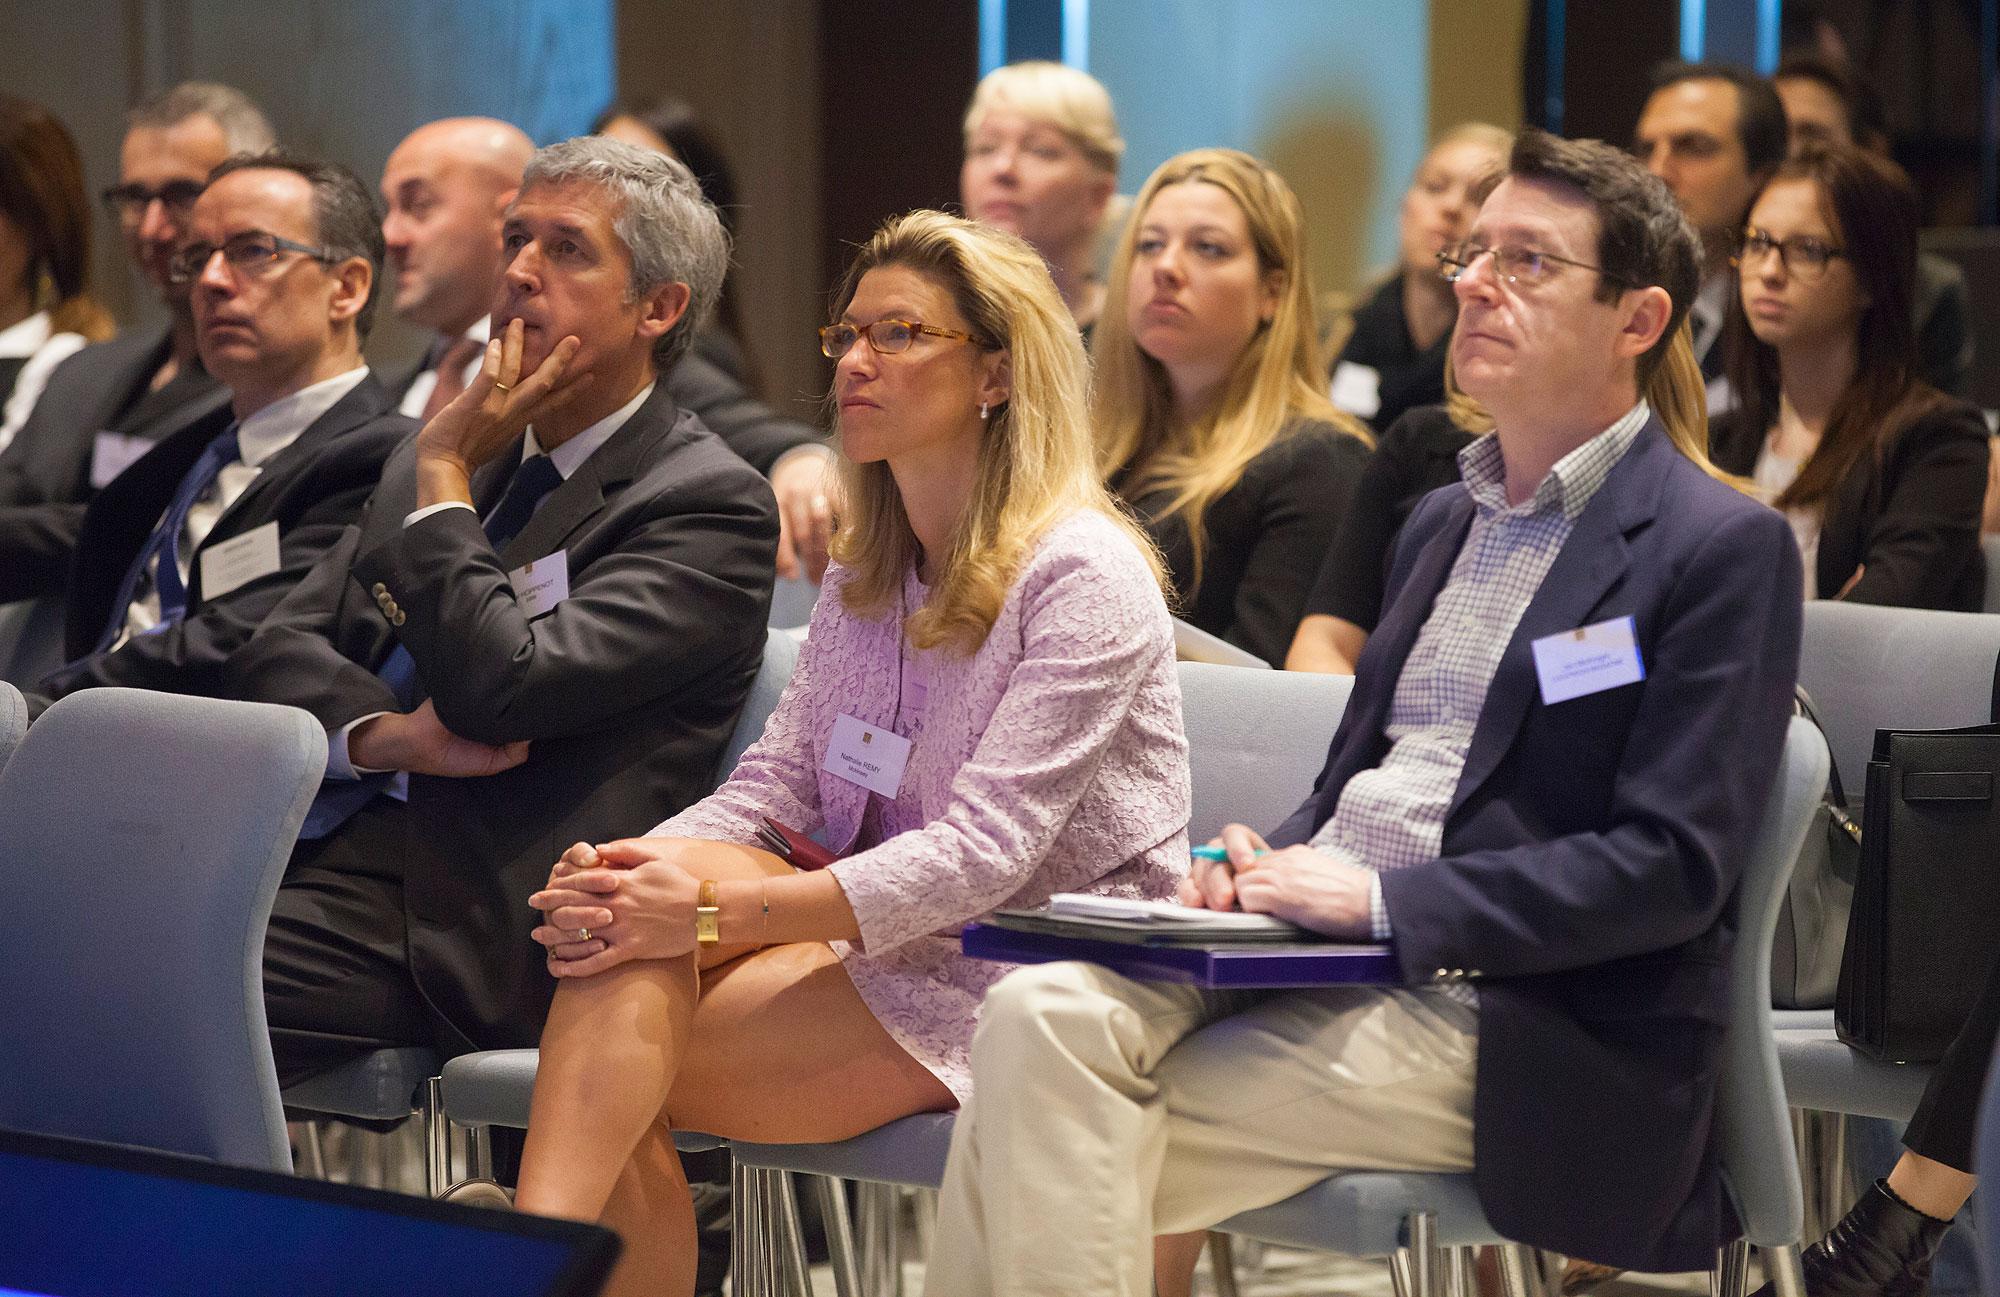 Jon McKnight [R] at the Monaco Symposium On Luxury